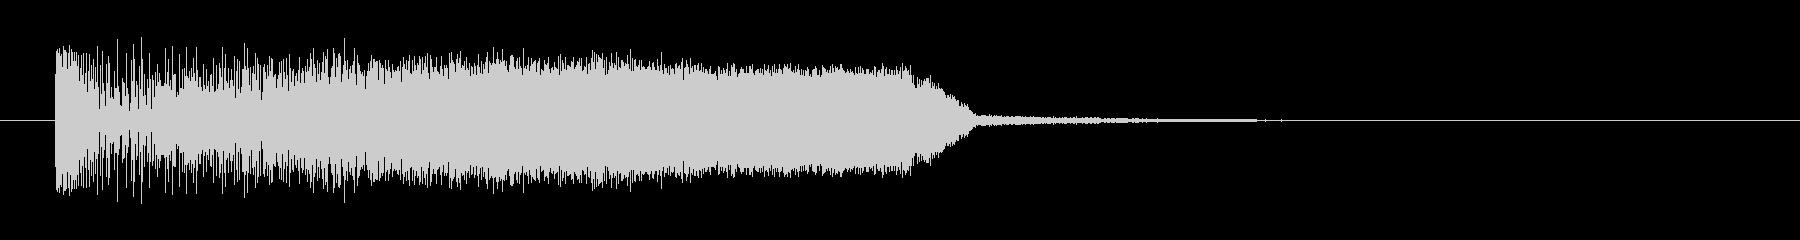 明るい上昇音の未再生の波形